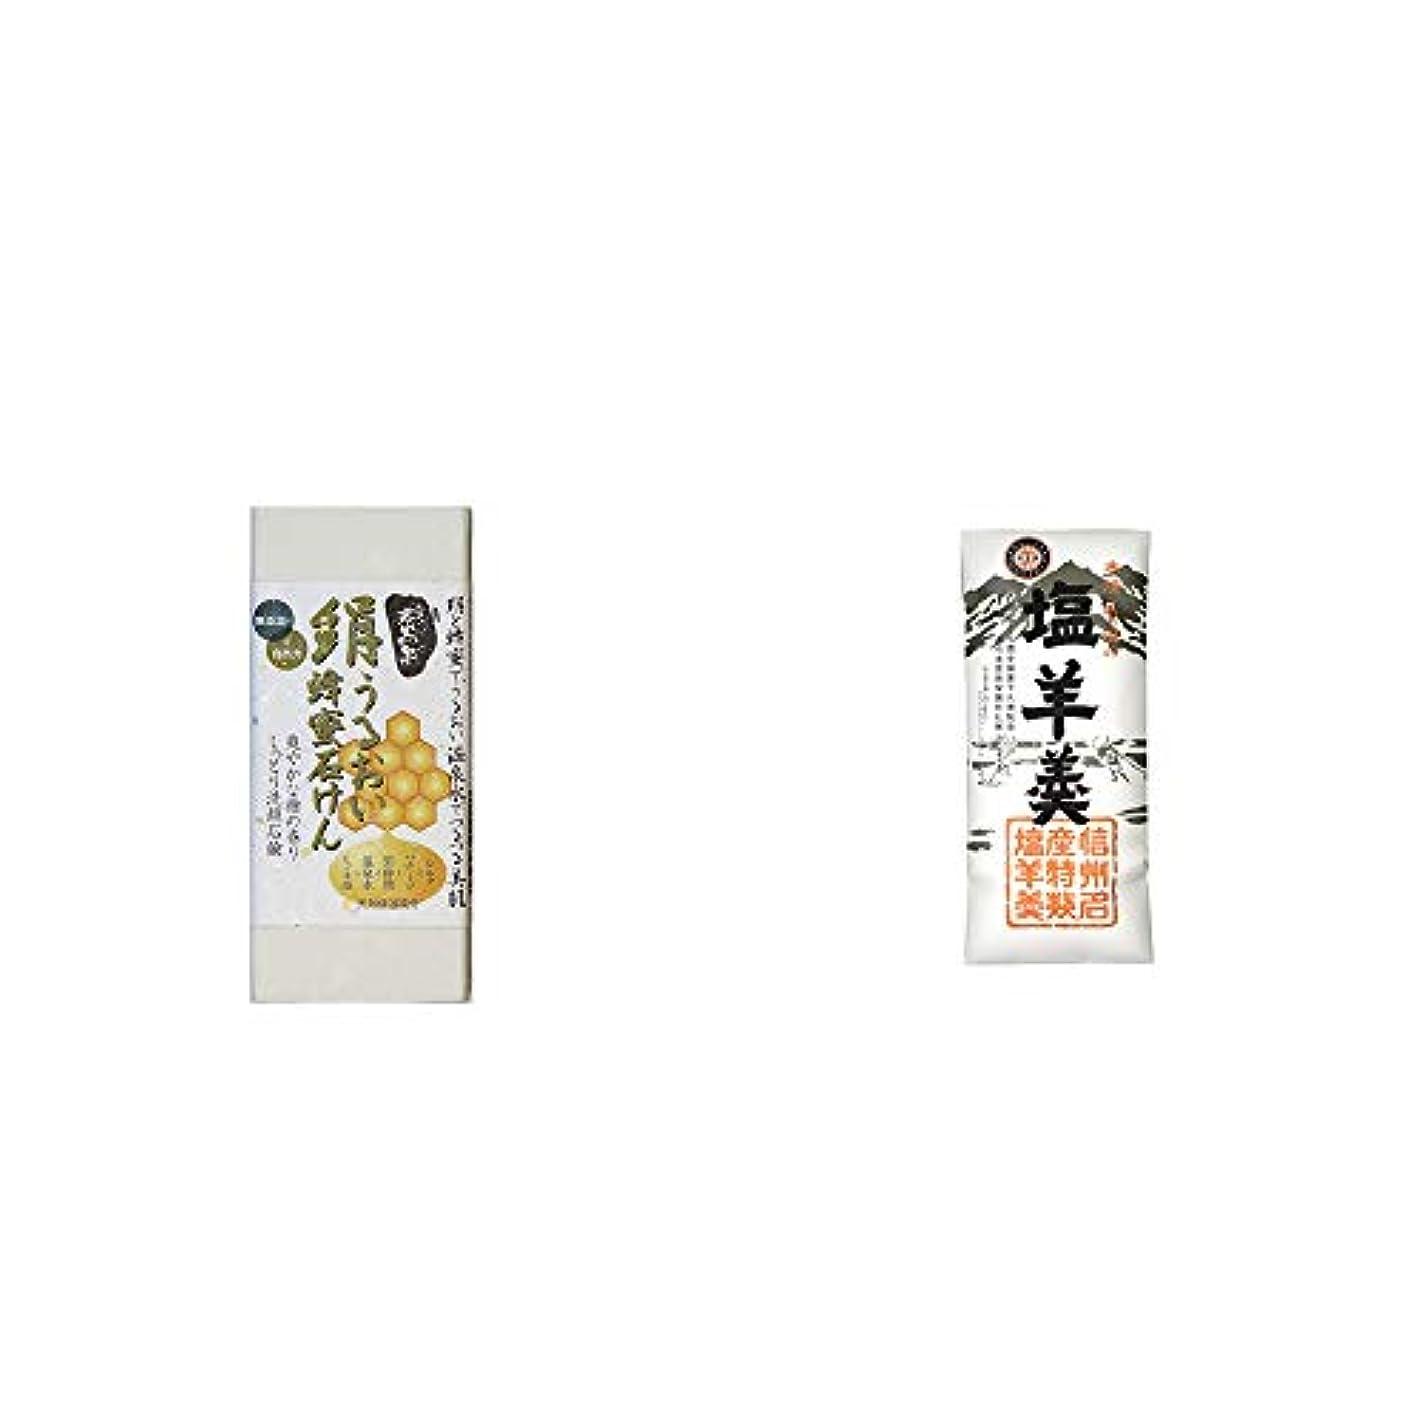 伝える長老宮殿[2点セット] ひのき炭黒泉 絹うるおい蜂蜜石けん(75g×2)?栗田の塩羊羹(160g)